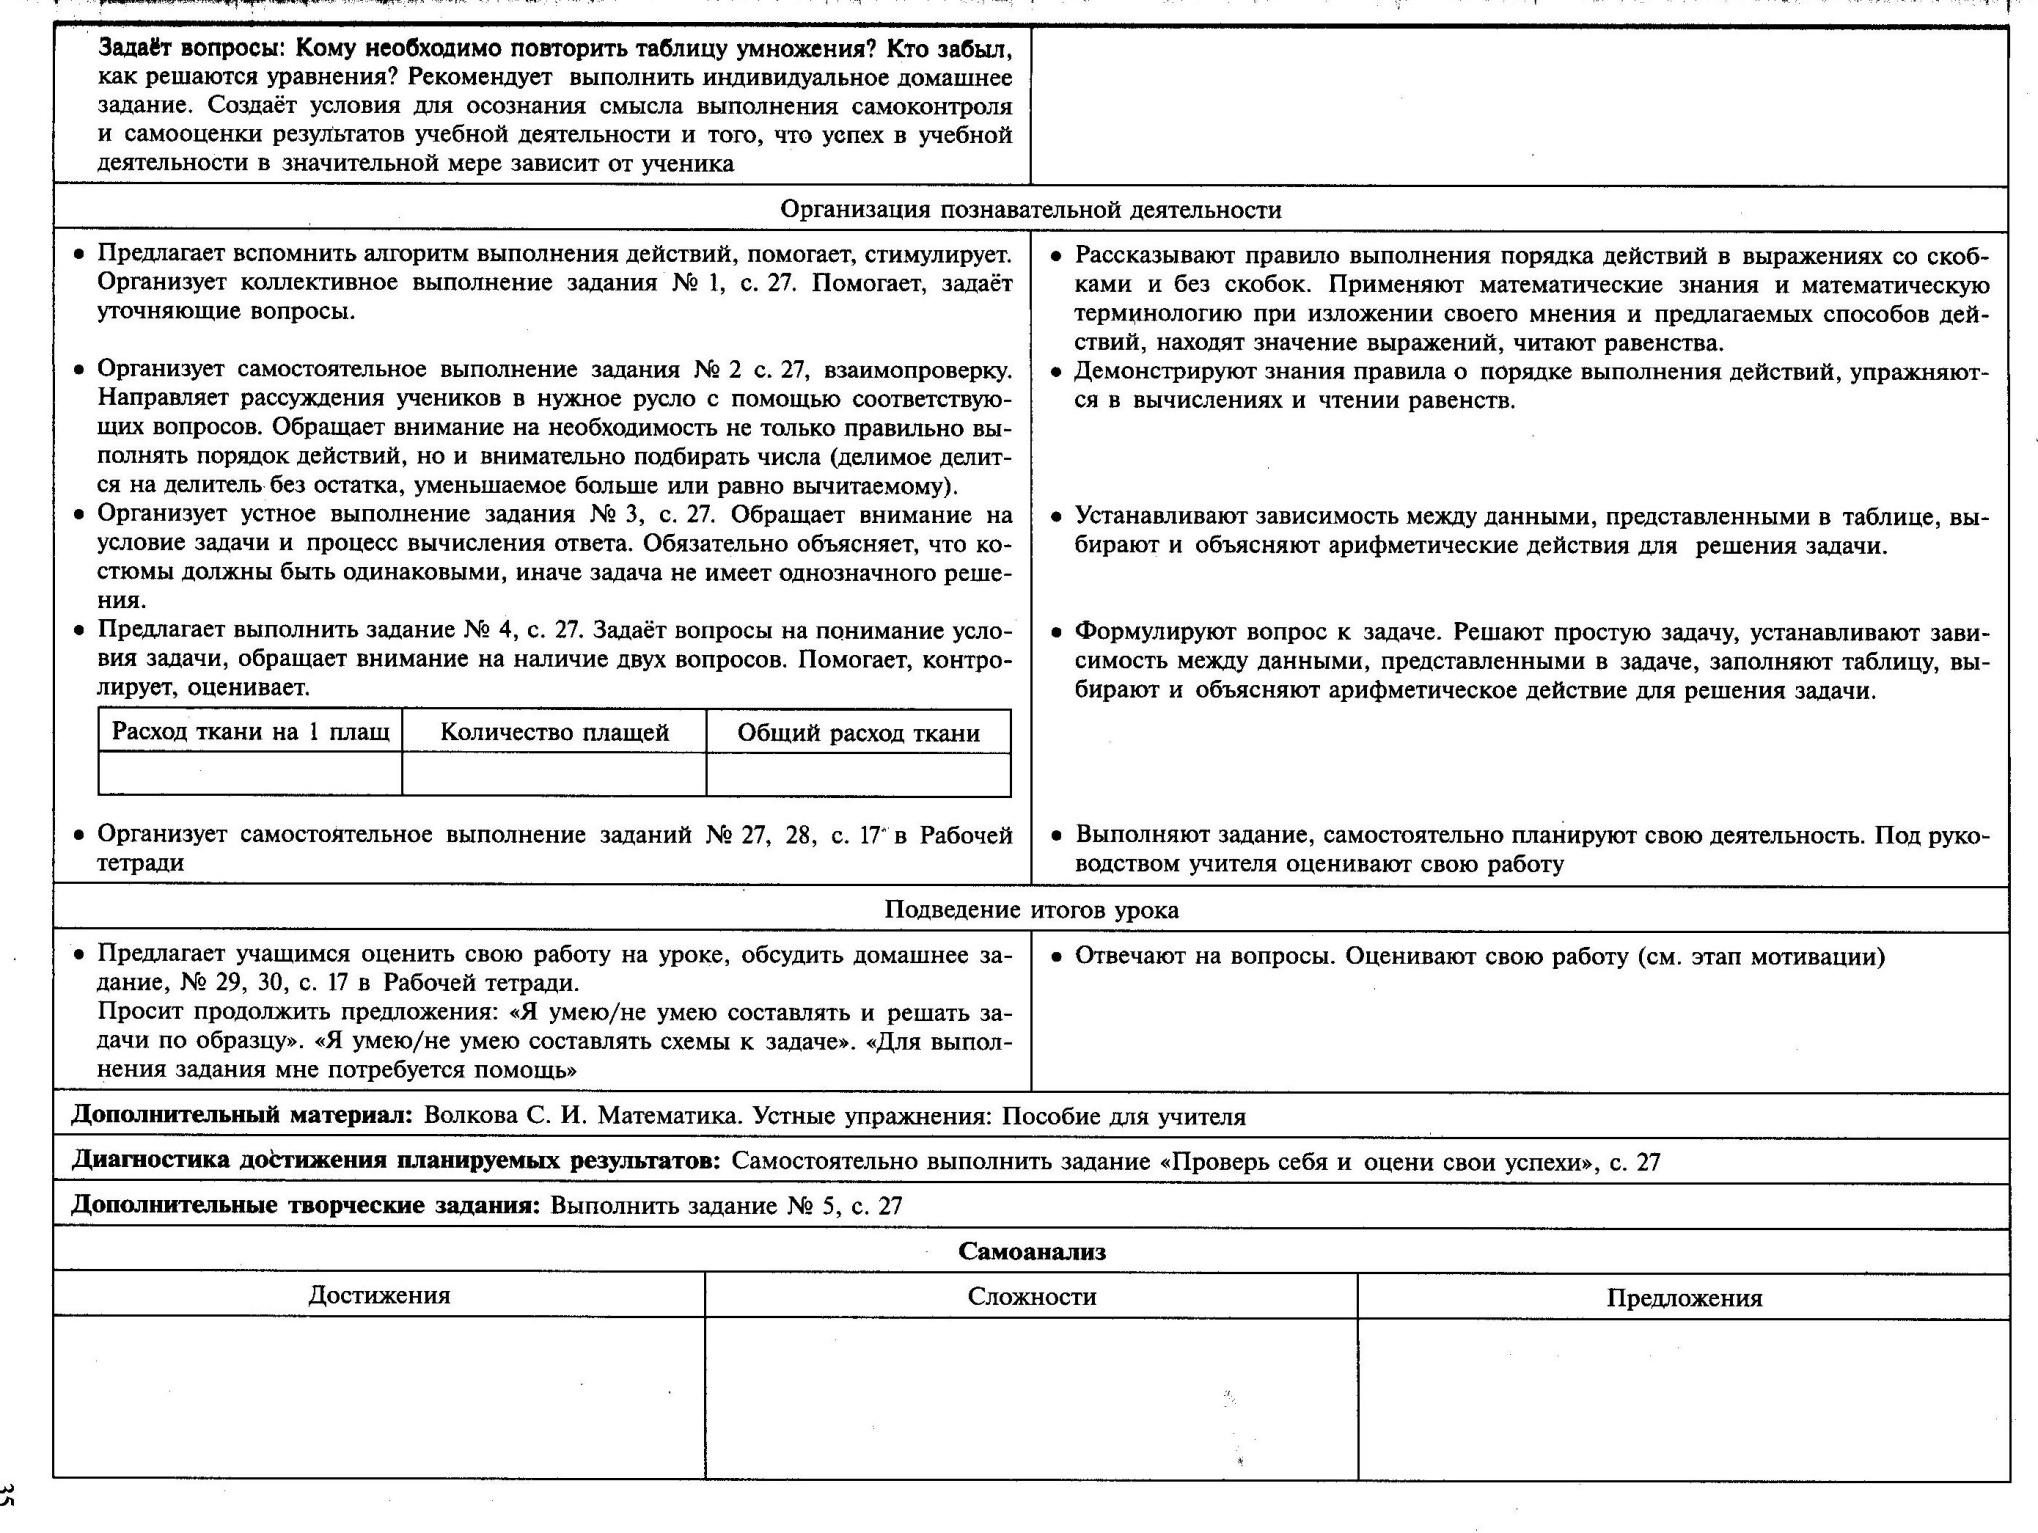 C:\Documents and Settings\Admin\Мои документы\Мои рисунки\1274.jpg